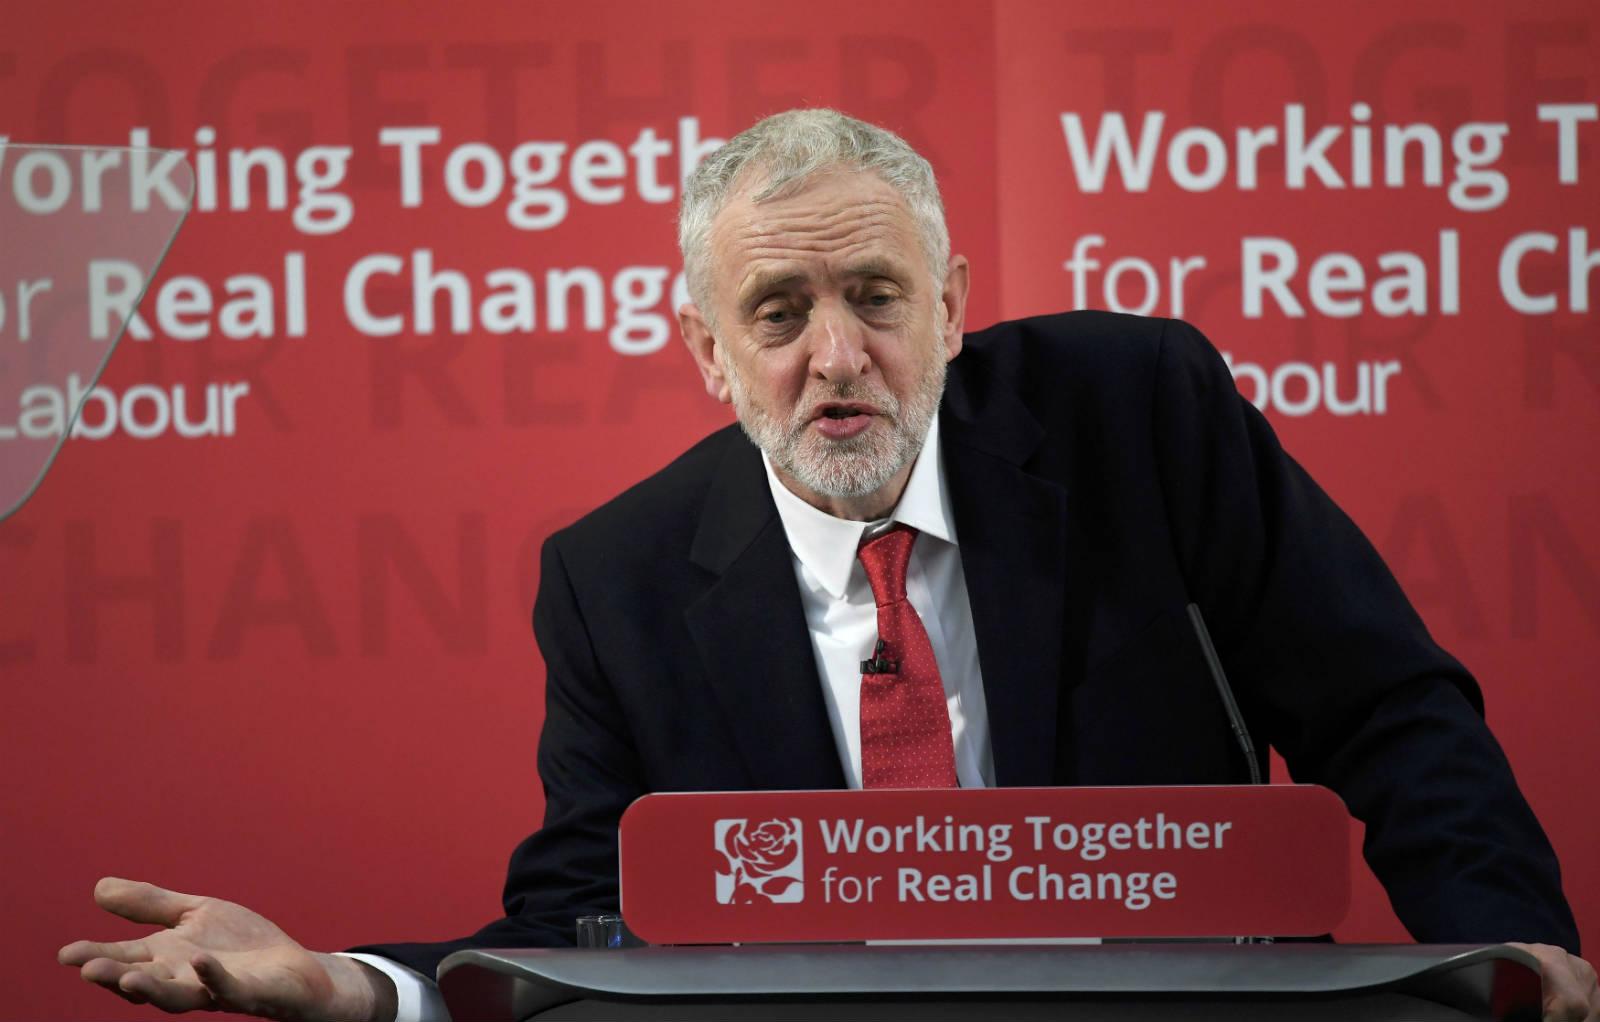 工黨領袖 Jeremy Corbyn 提出限制收入水平。 圖片來源:路透社